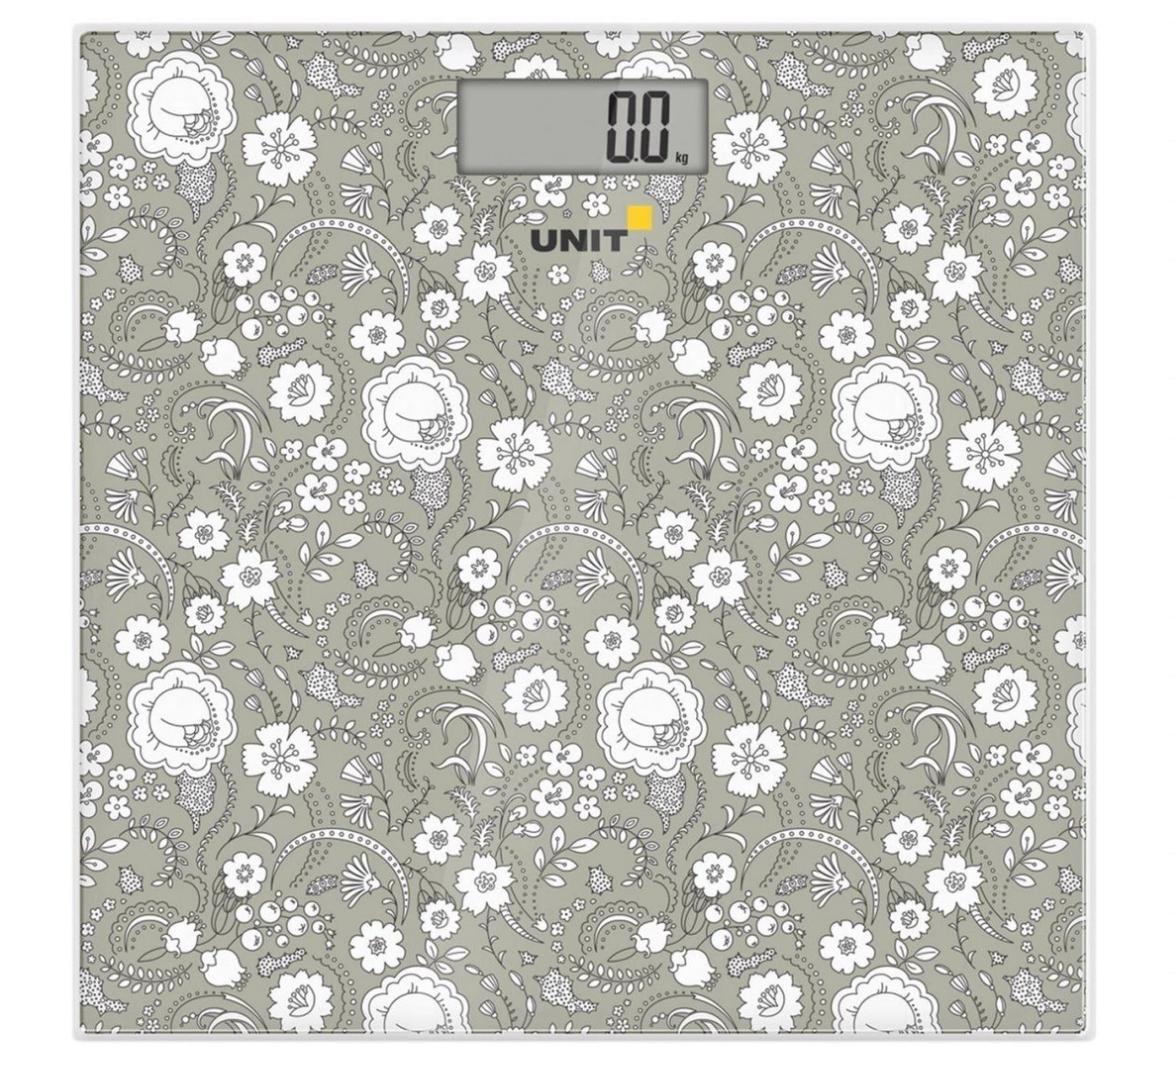 UNIT UBS 2052 WH